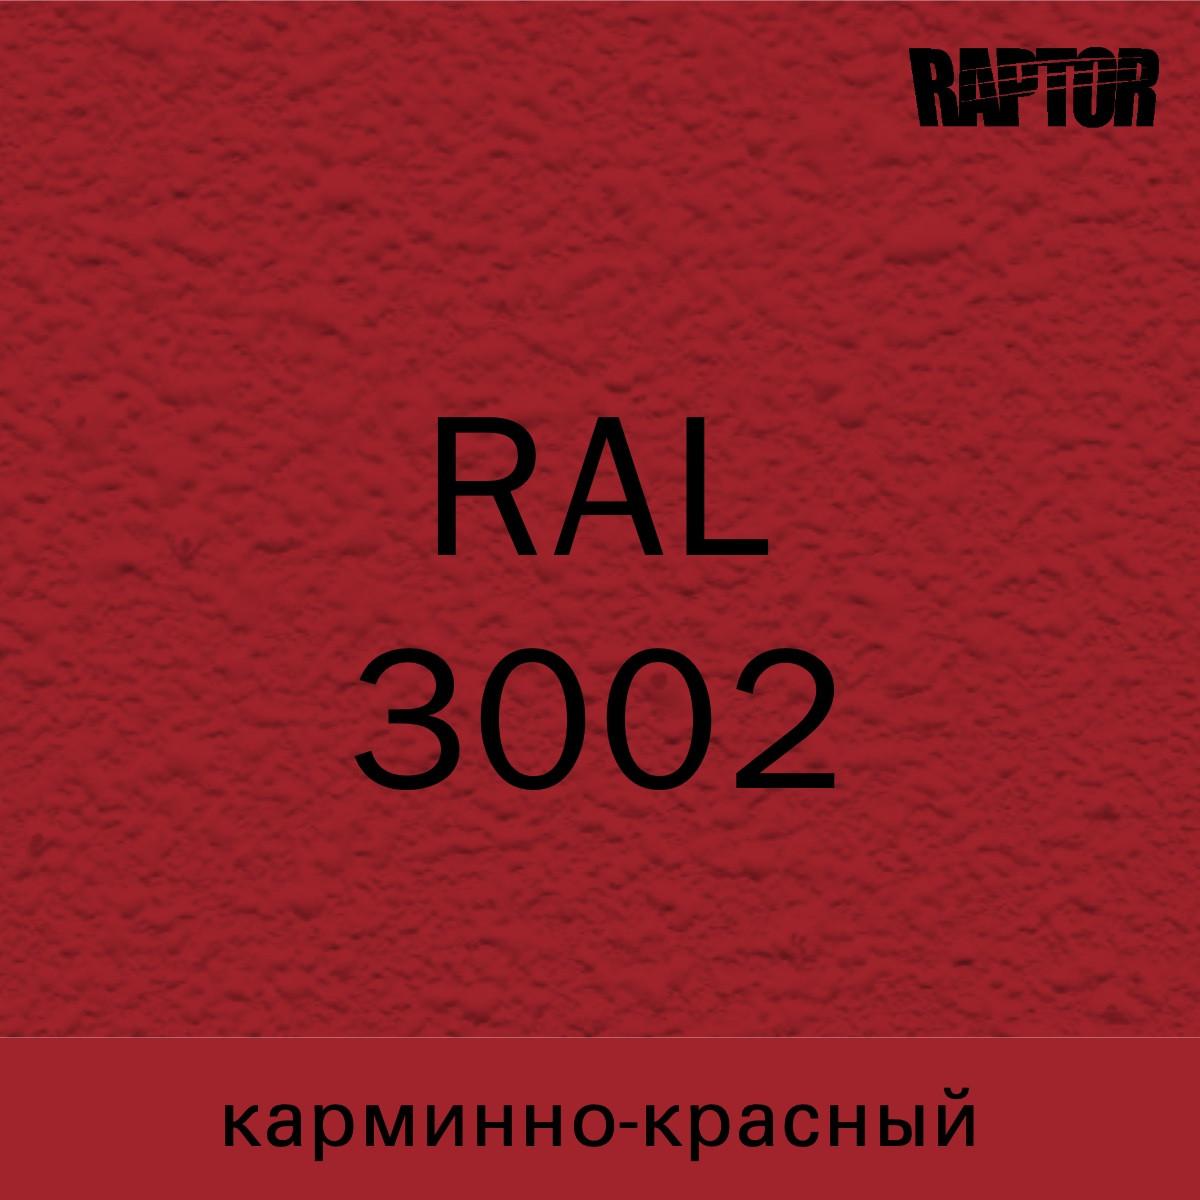 Пигмент для колеровки покрытия RAPTOR™ Карминно-красный (RAL 3002)